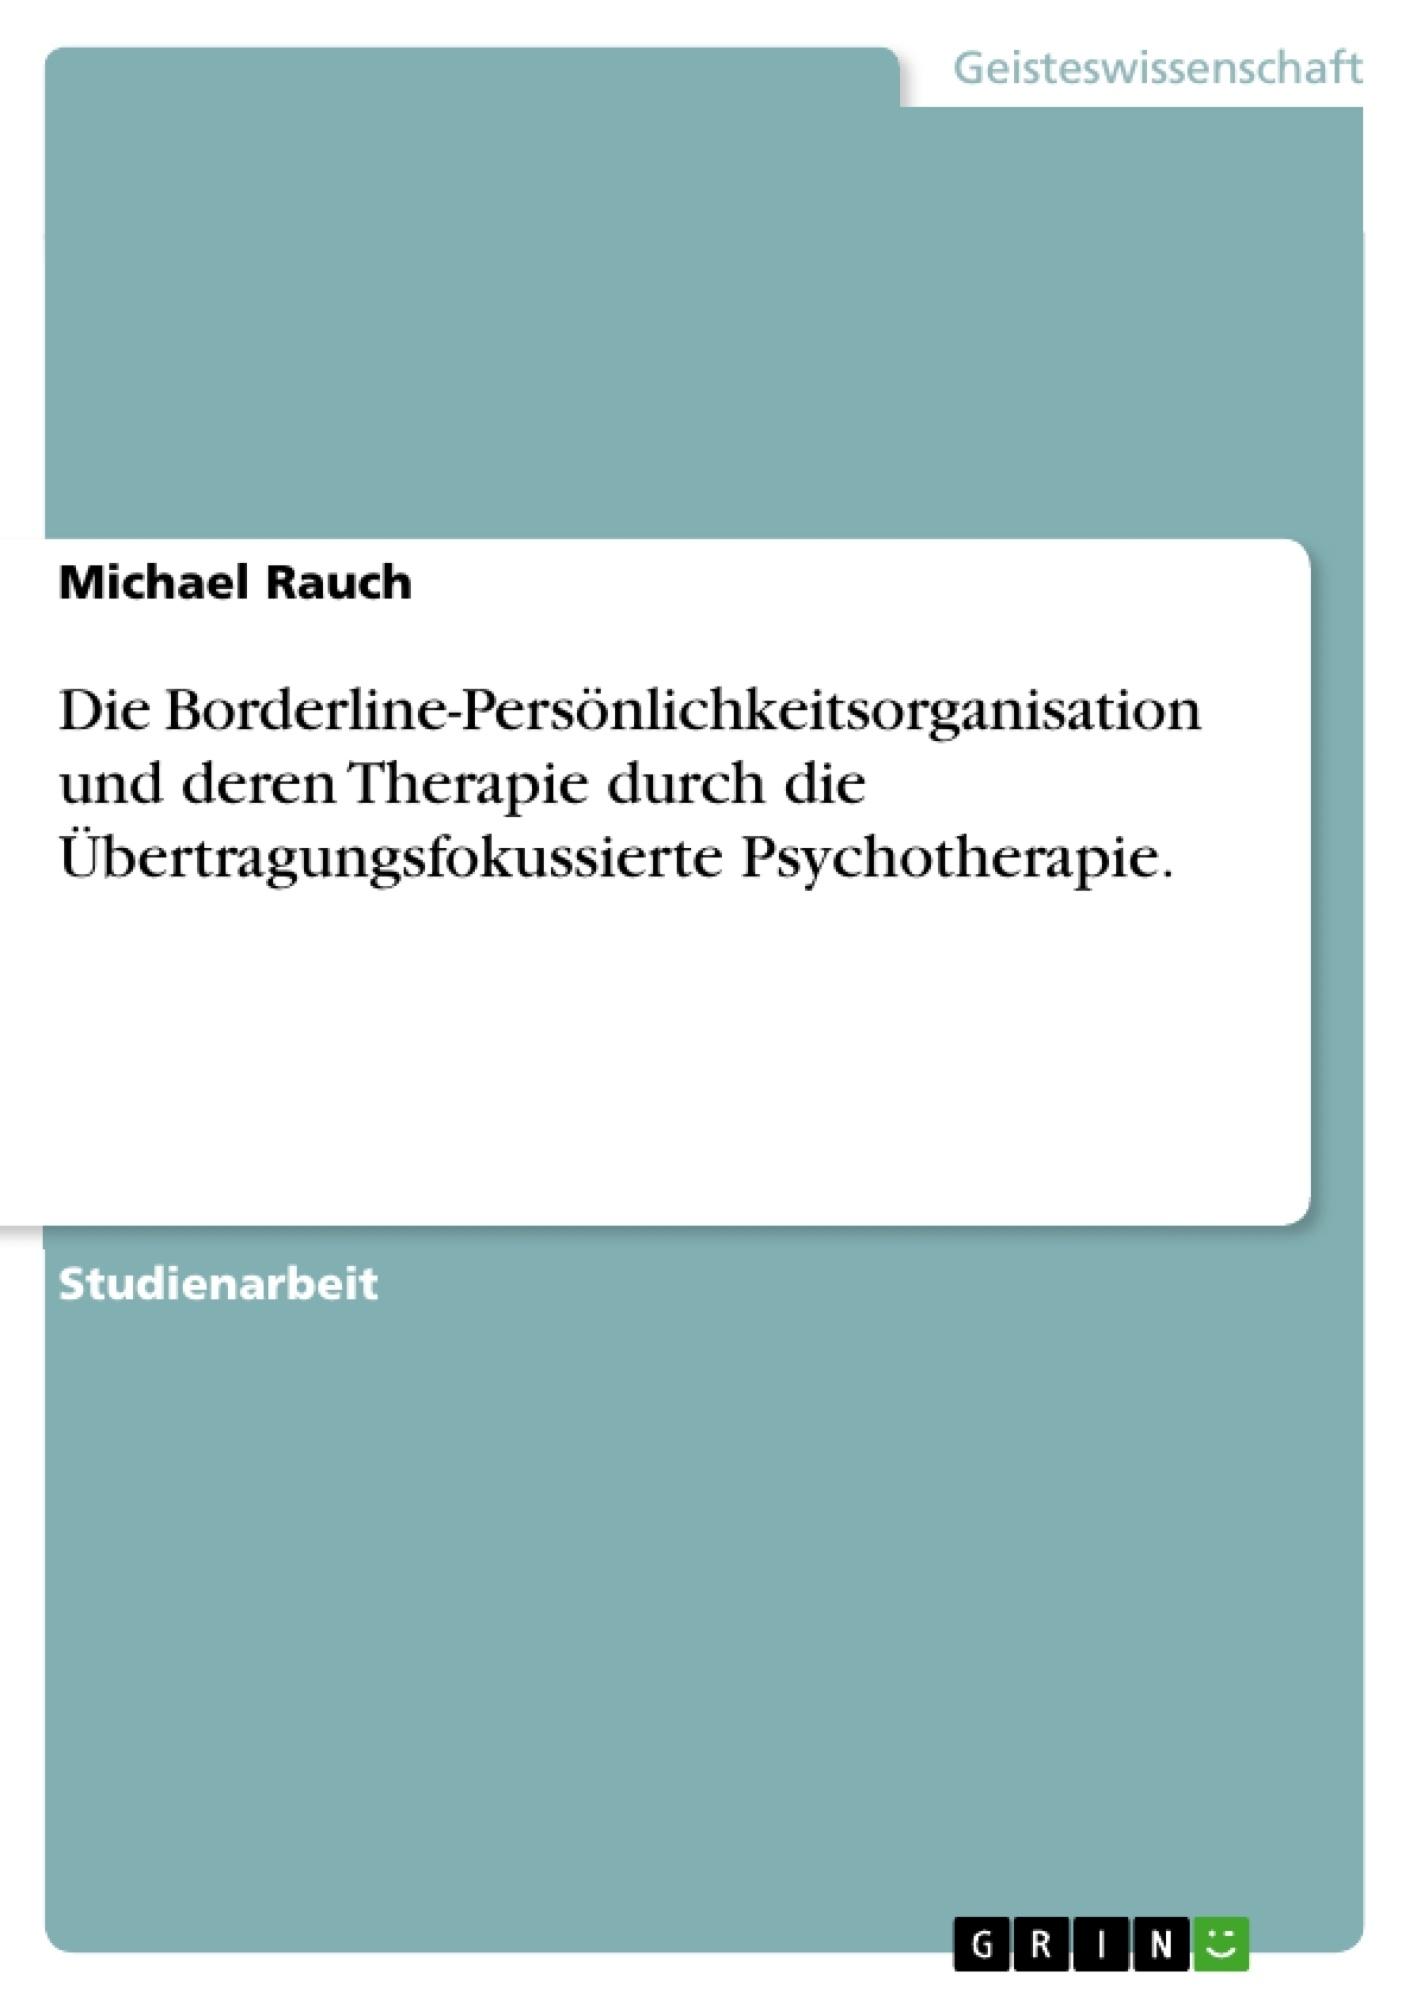 Titel: Die Borderline-Persönlichkeitsorganisation und deren Therapie durch die Übertragungsfokussierte Psychotherapie.